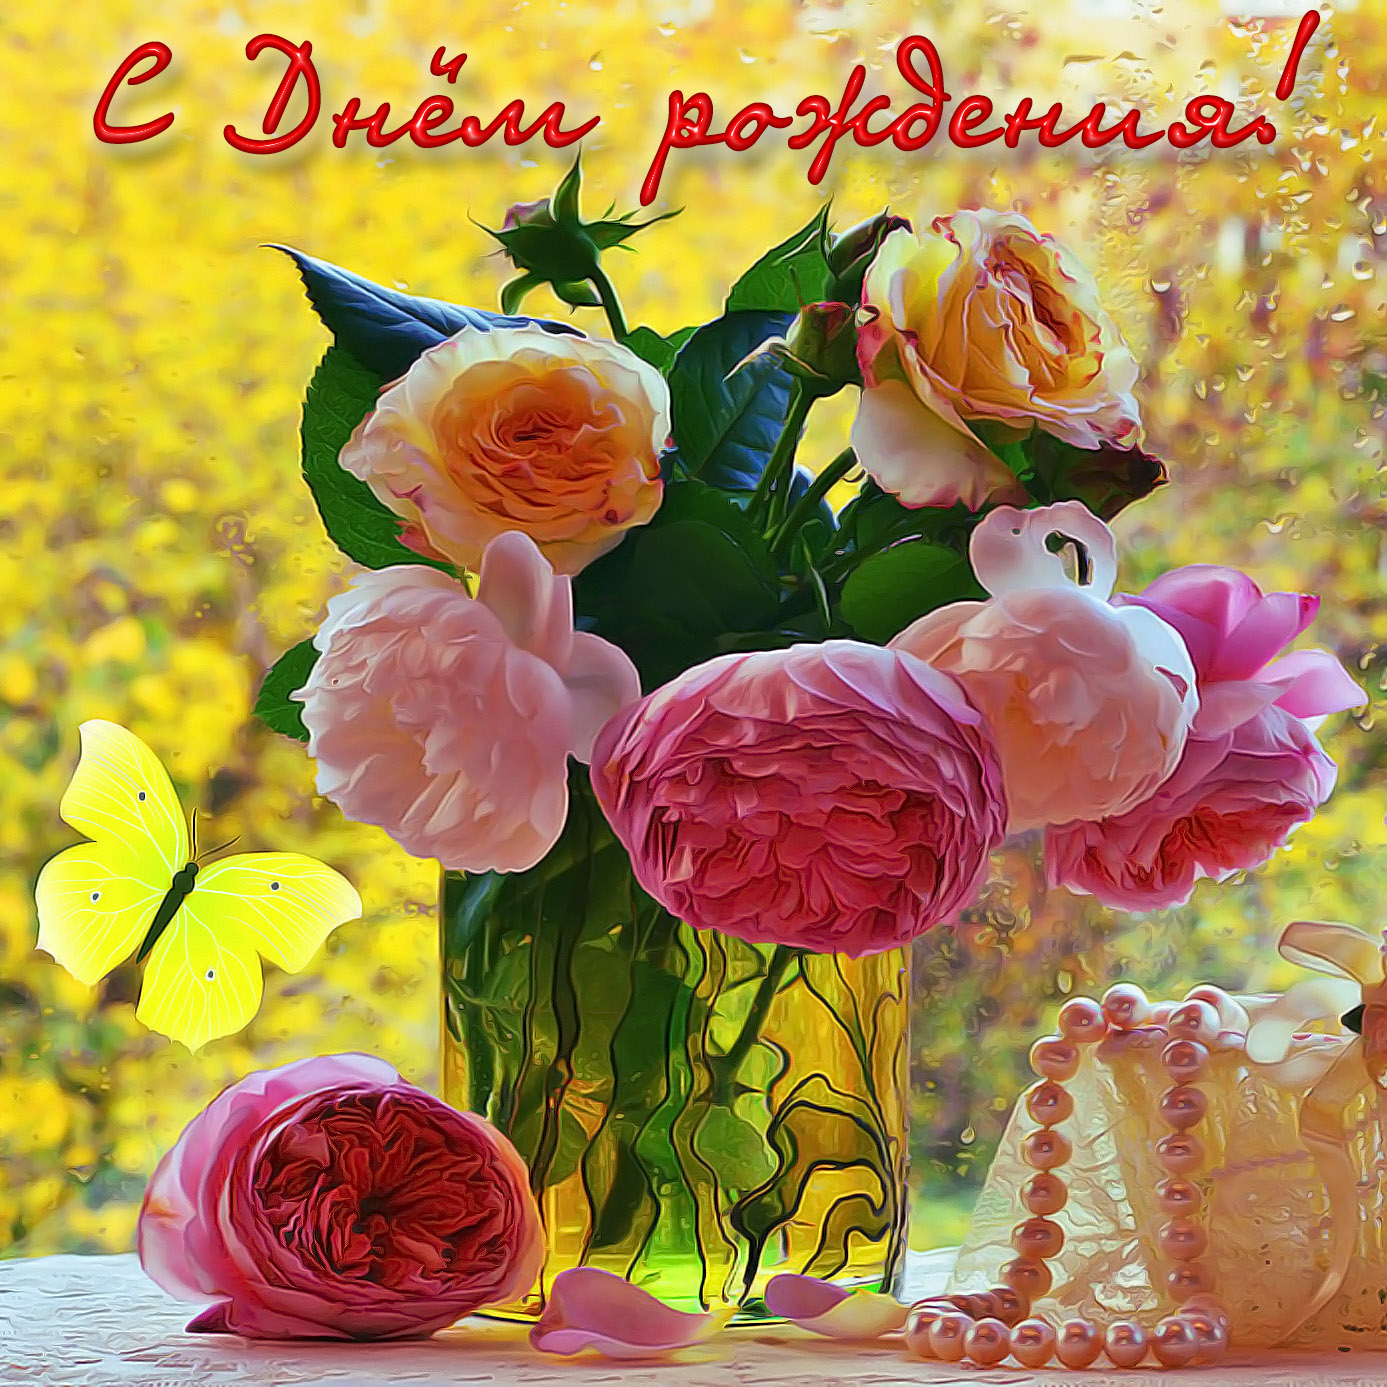 Милая открытка для женщины с цветами